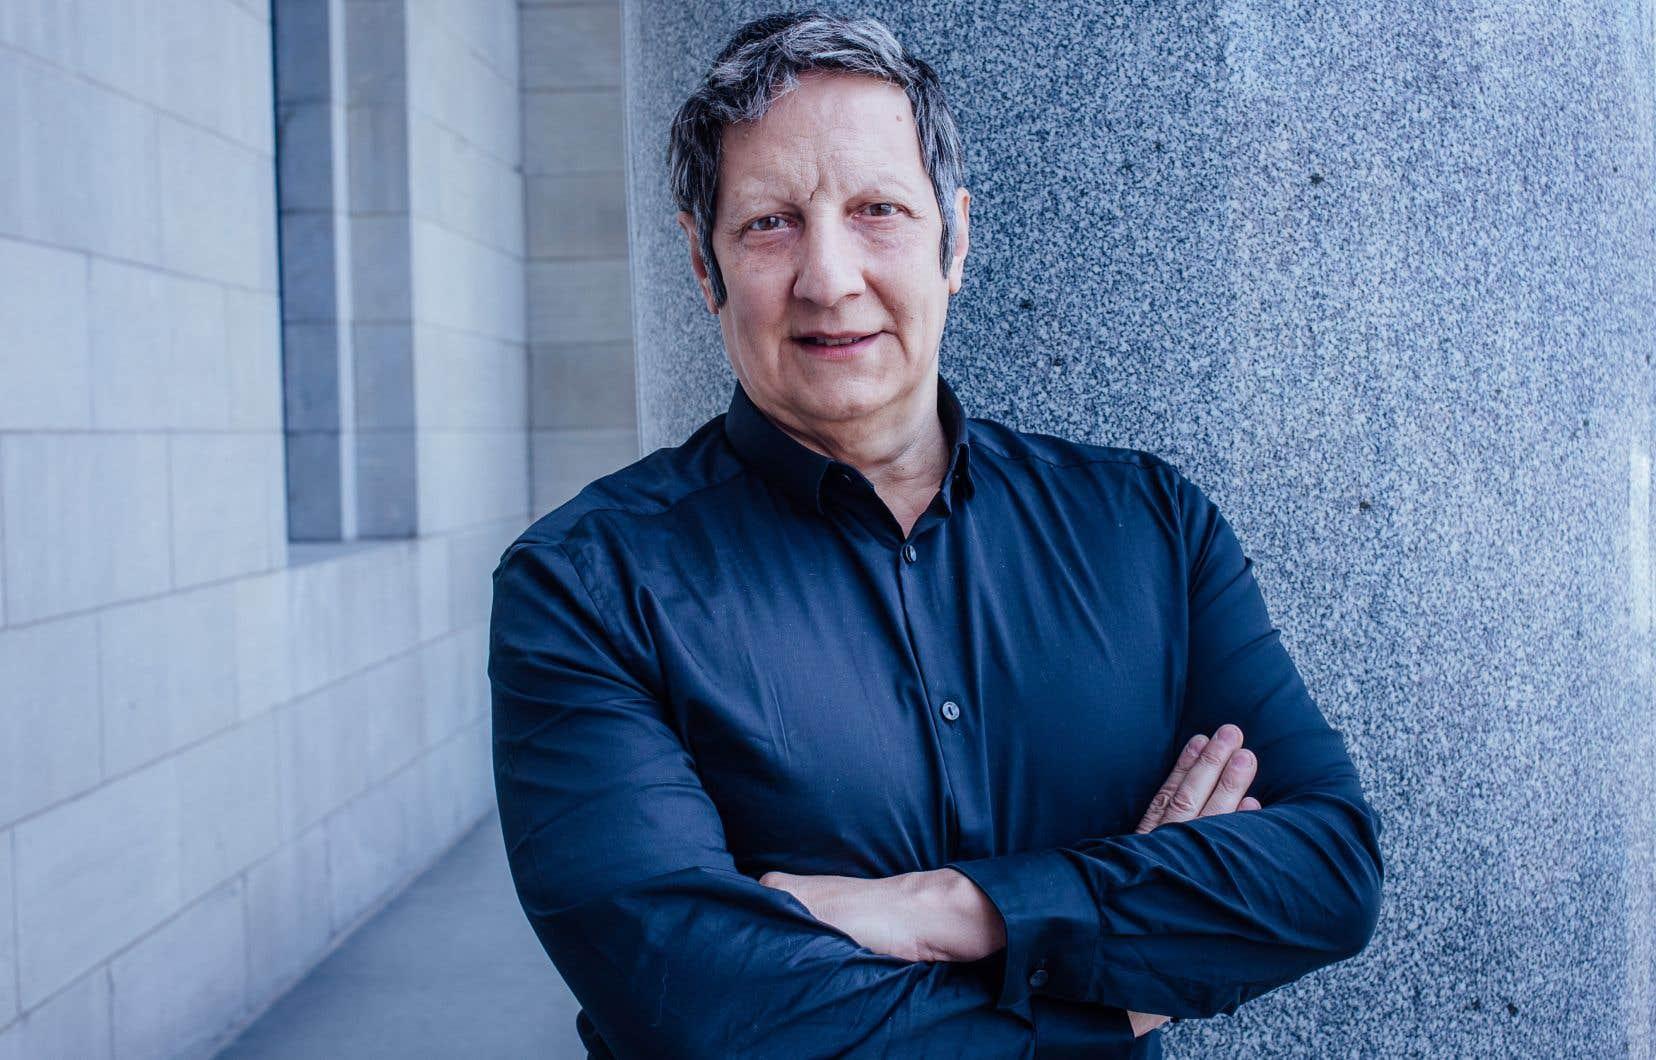 Robert Lepage, metteur en scène, scénographe, auteur dramatique, acteur et cinéaste québécois